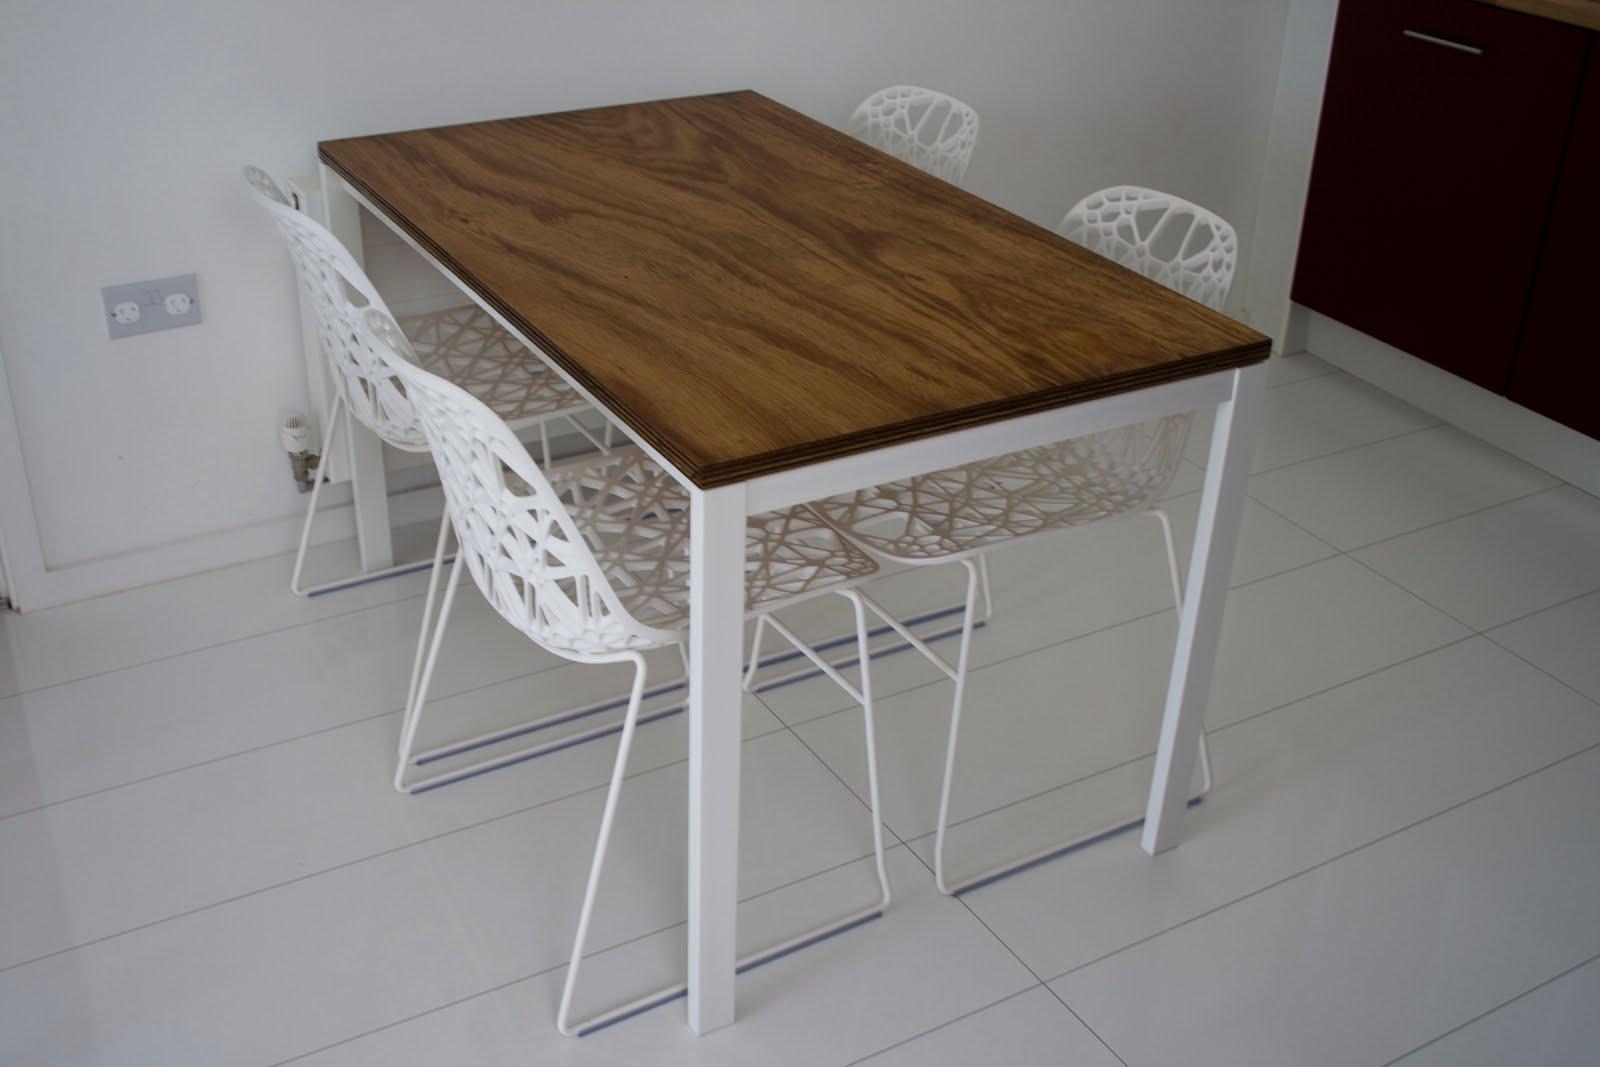 X4duros Com Marzo 2011 # Hackeando Muebles De Ikea